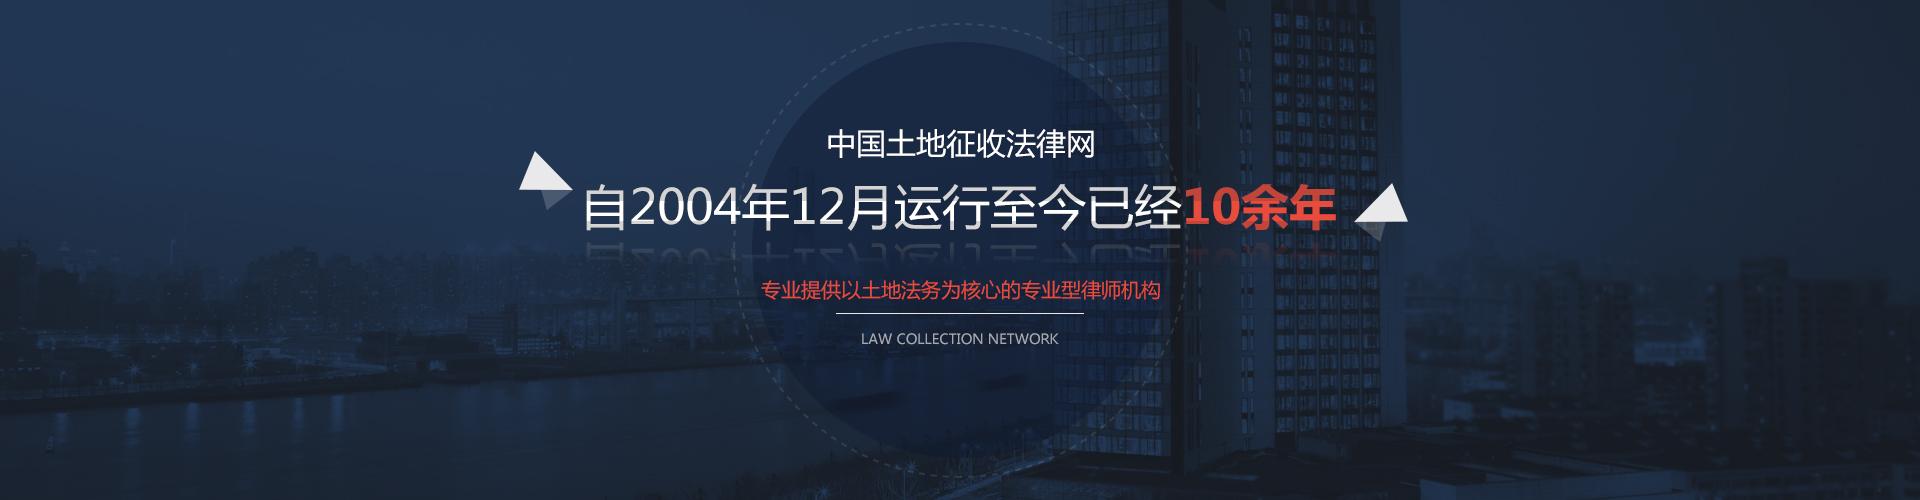 闫凤翥律师